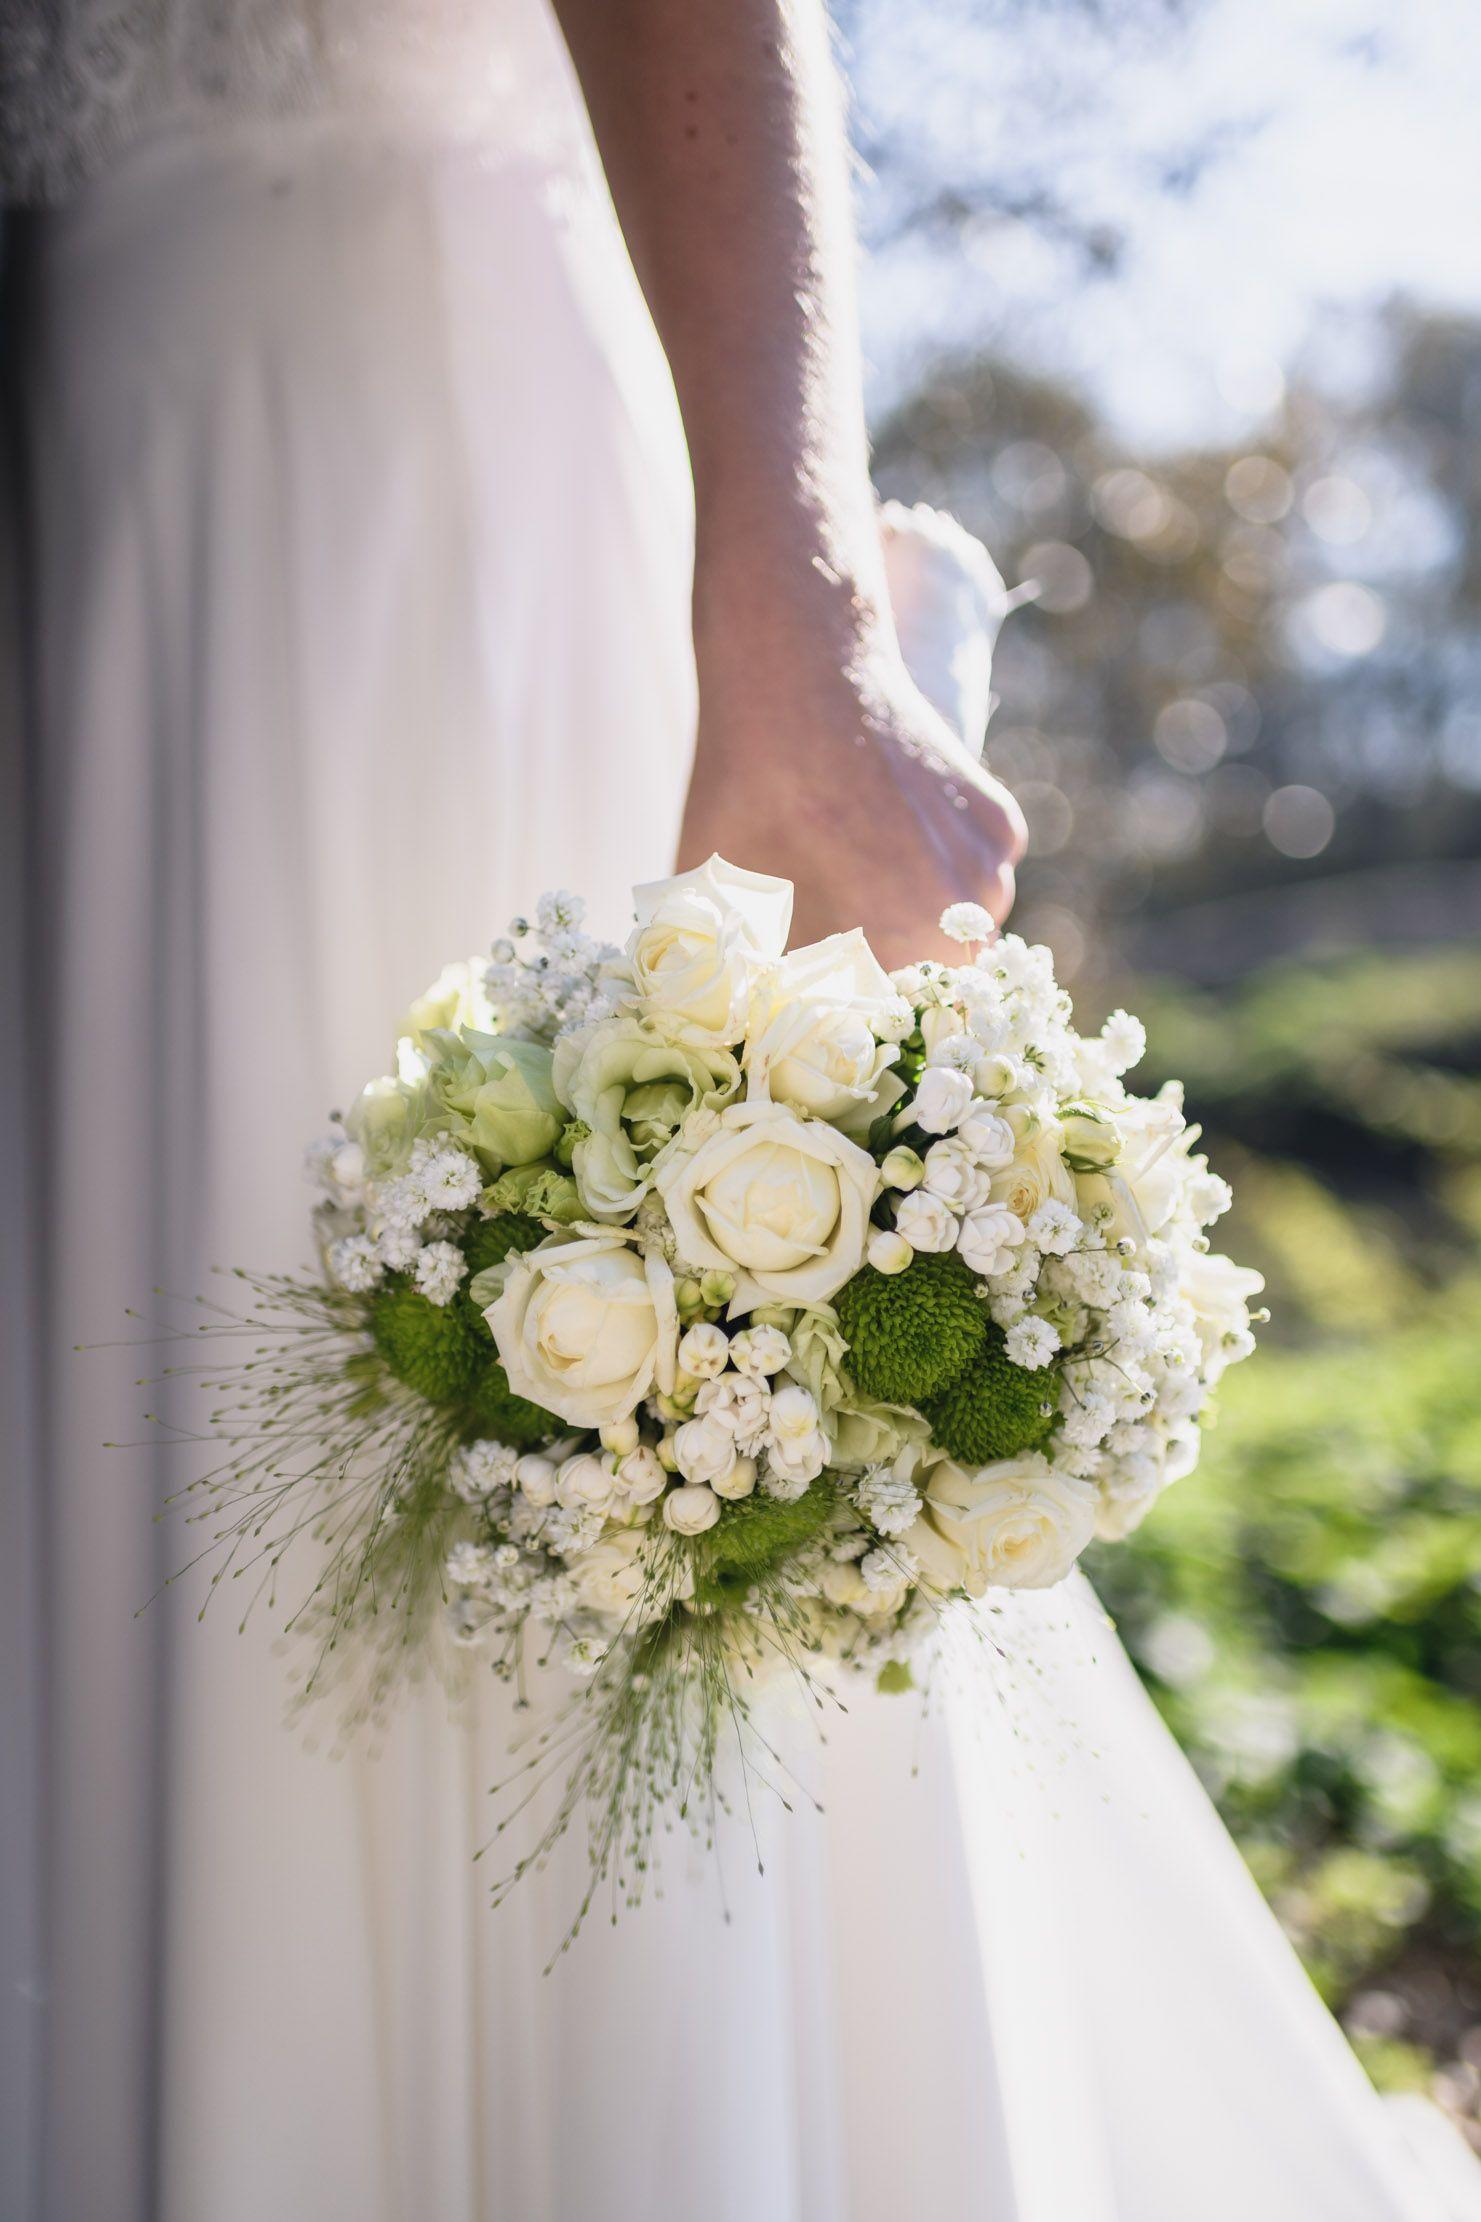 Wie Viel Darf Ein Brautstraub Kosten Und Welche Arten Gibt Es Blumenstrauss Hochzeit Blumenschmuck Hochzeit Brautstrauss